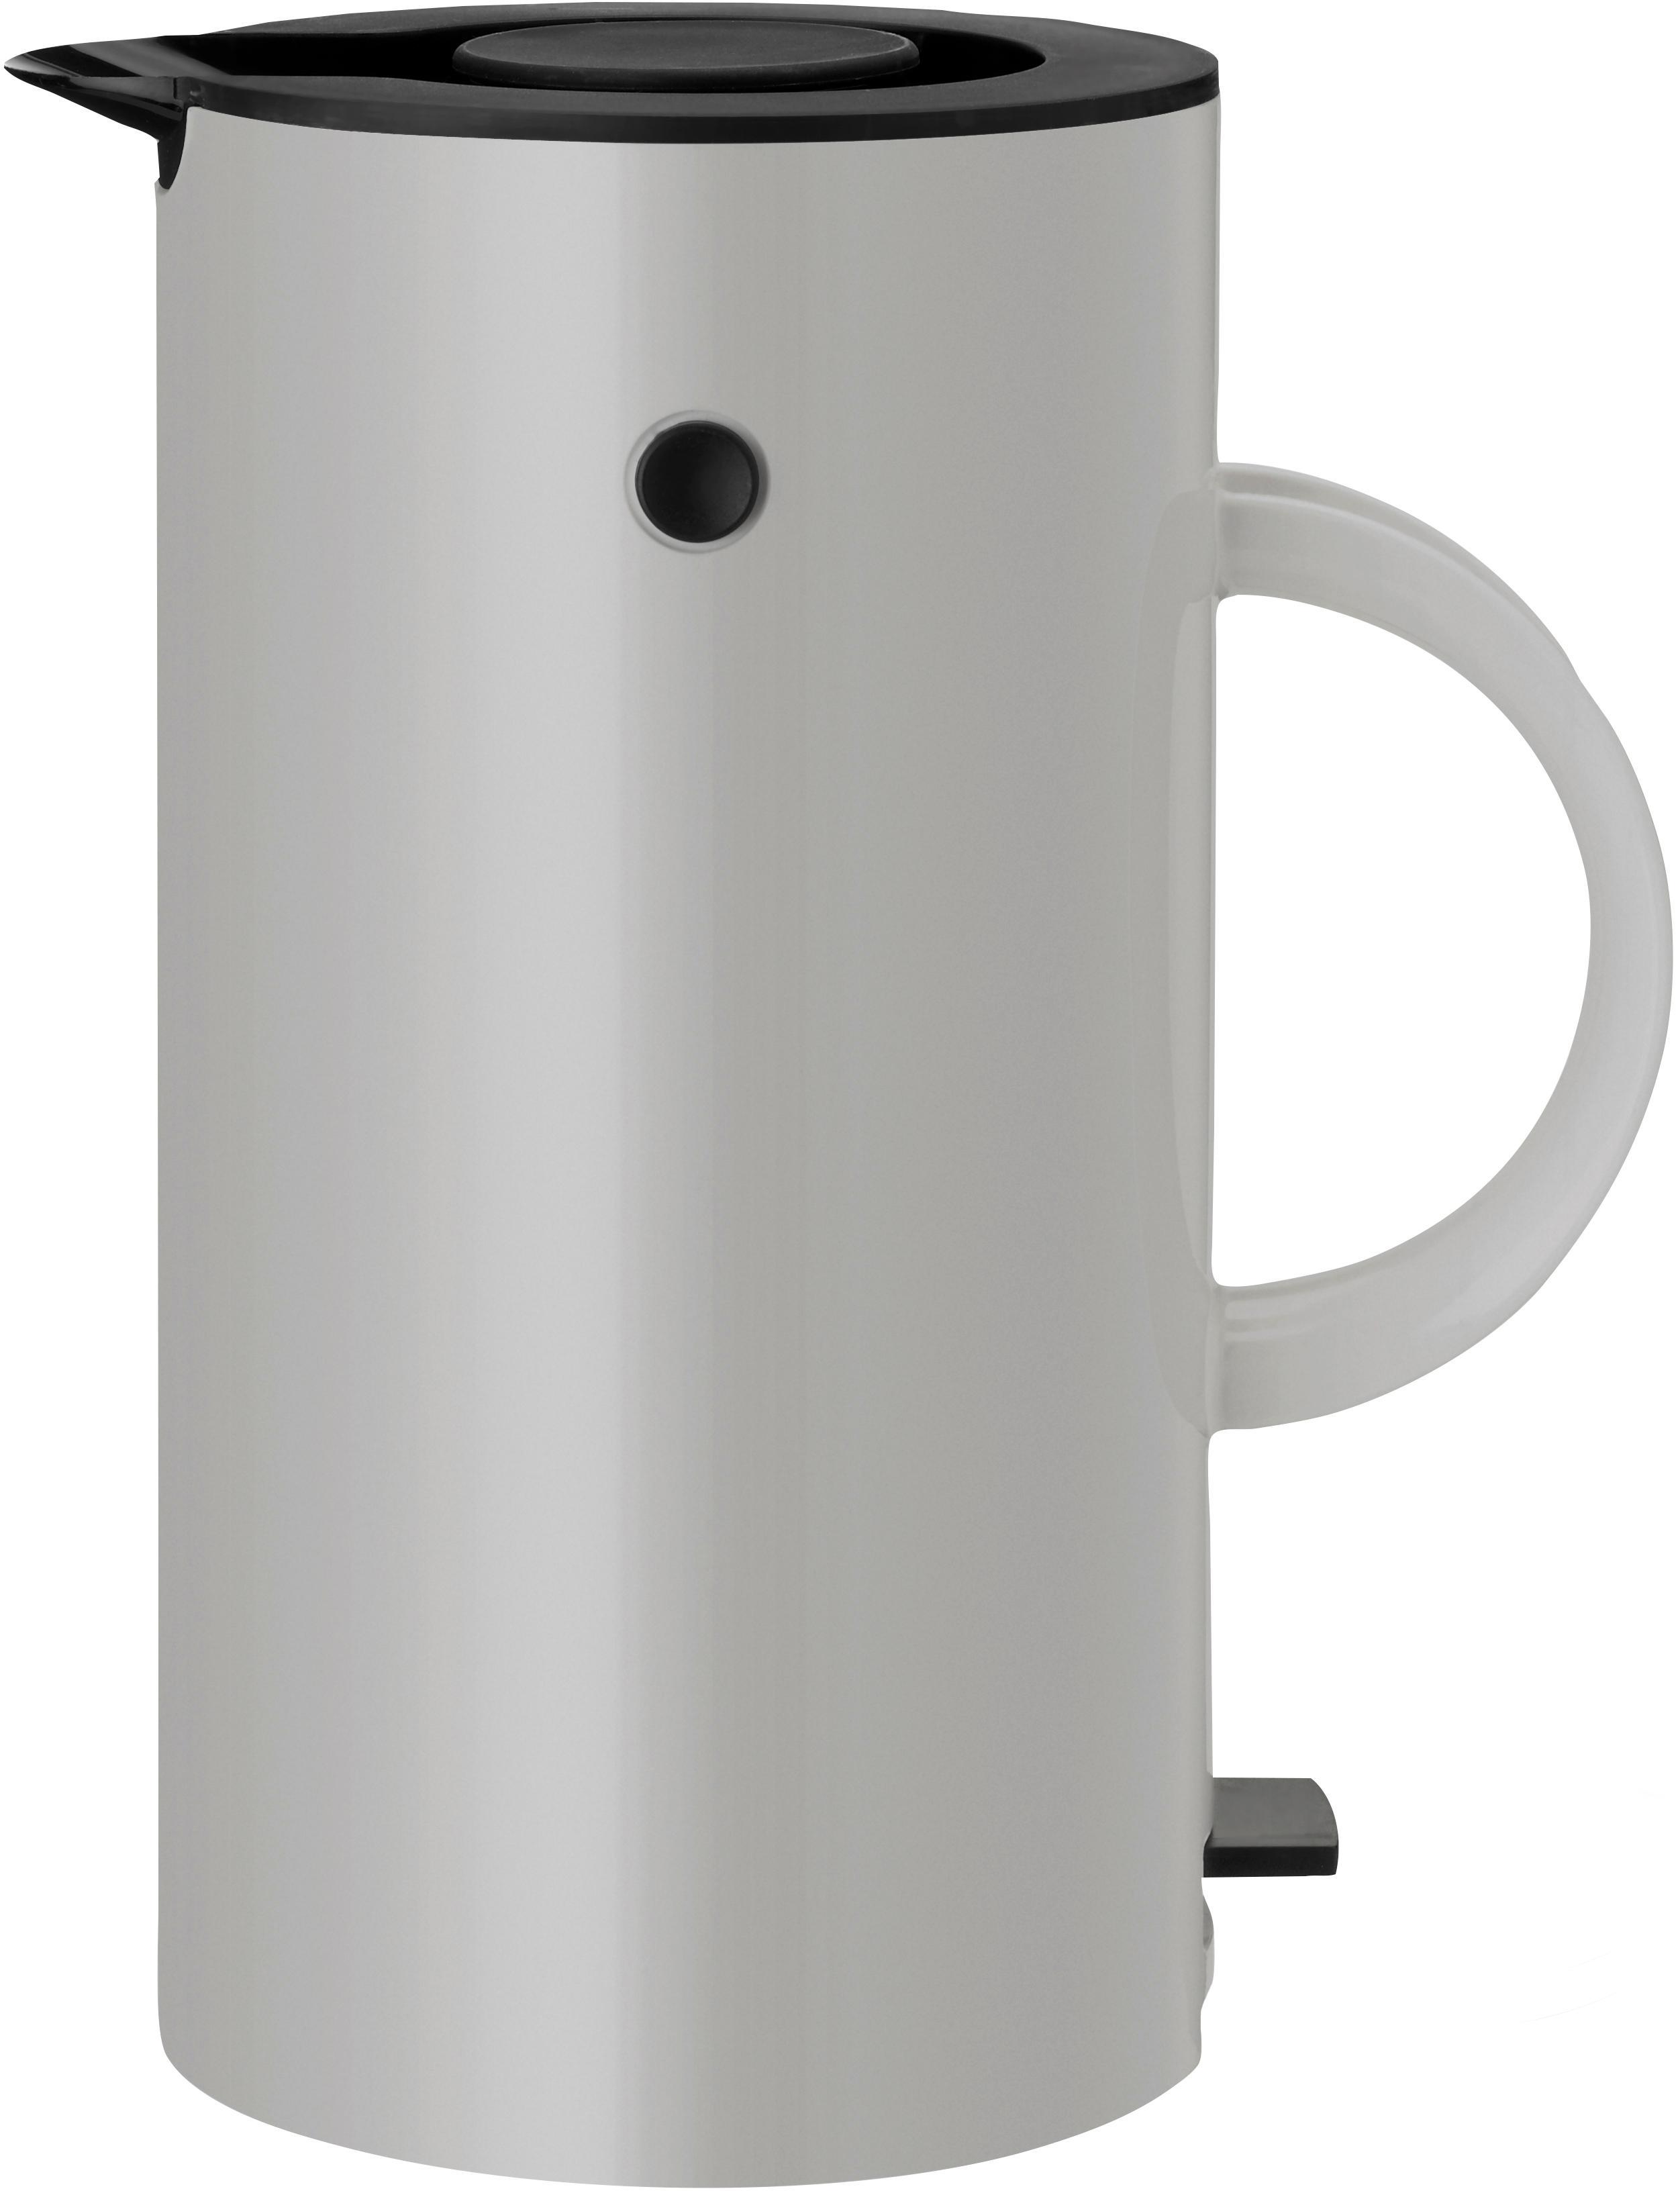 Waterkoker EM77, Lichtgrijs, zwart, Ø 13 x H 25 cm